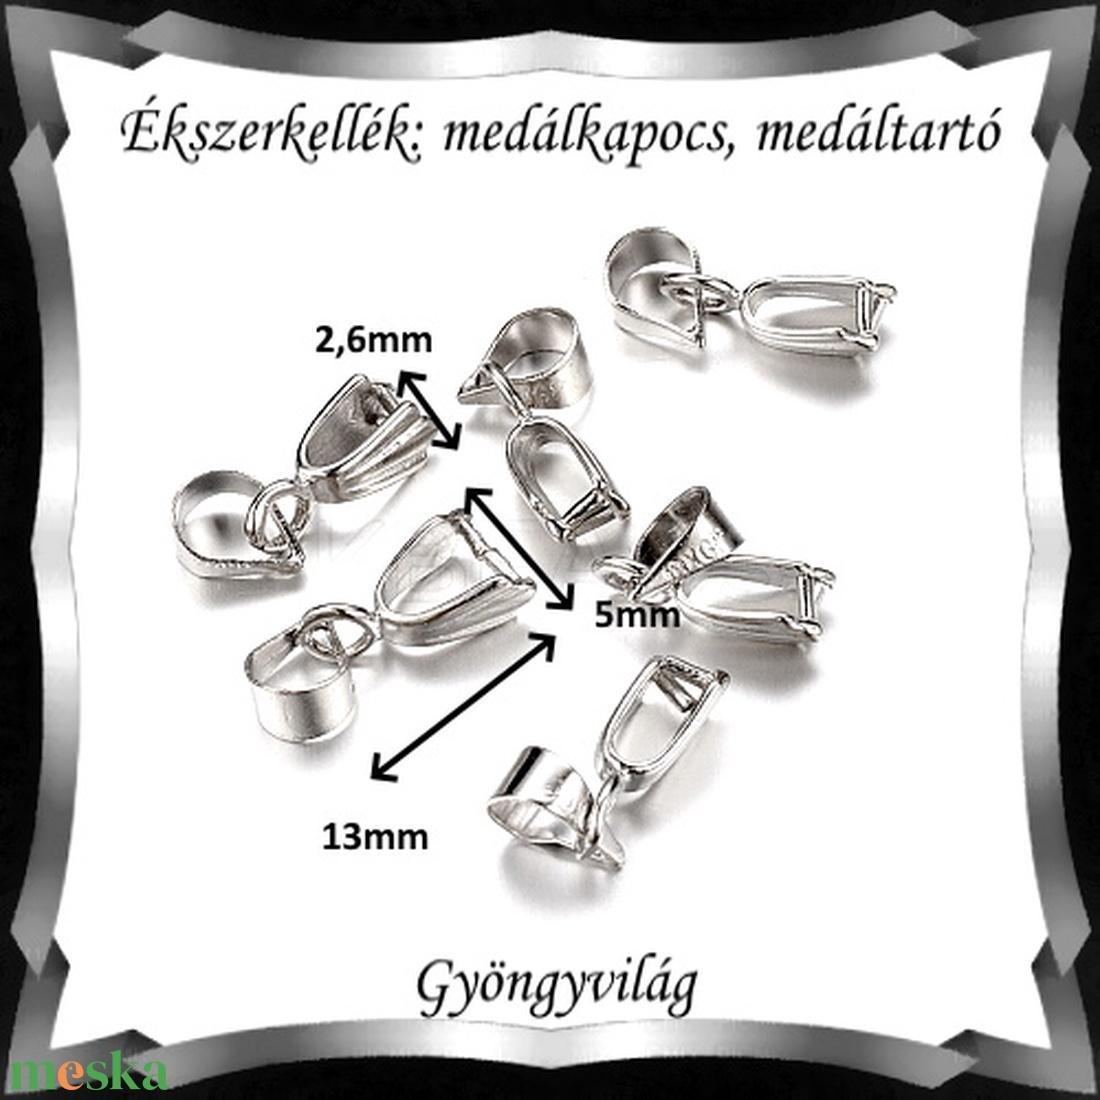 Ezüstözött medálkapocs 5db/cs BMK 08-13p - gyöngy, ékszerkellék - egyéb alkatrész - Meska.hu